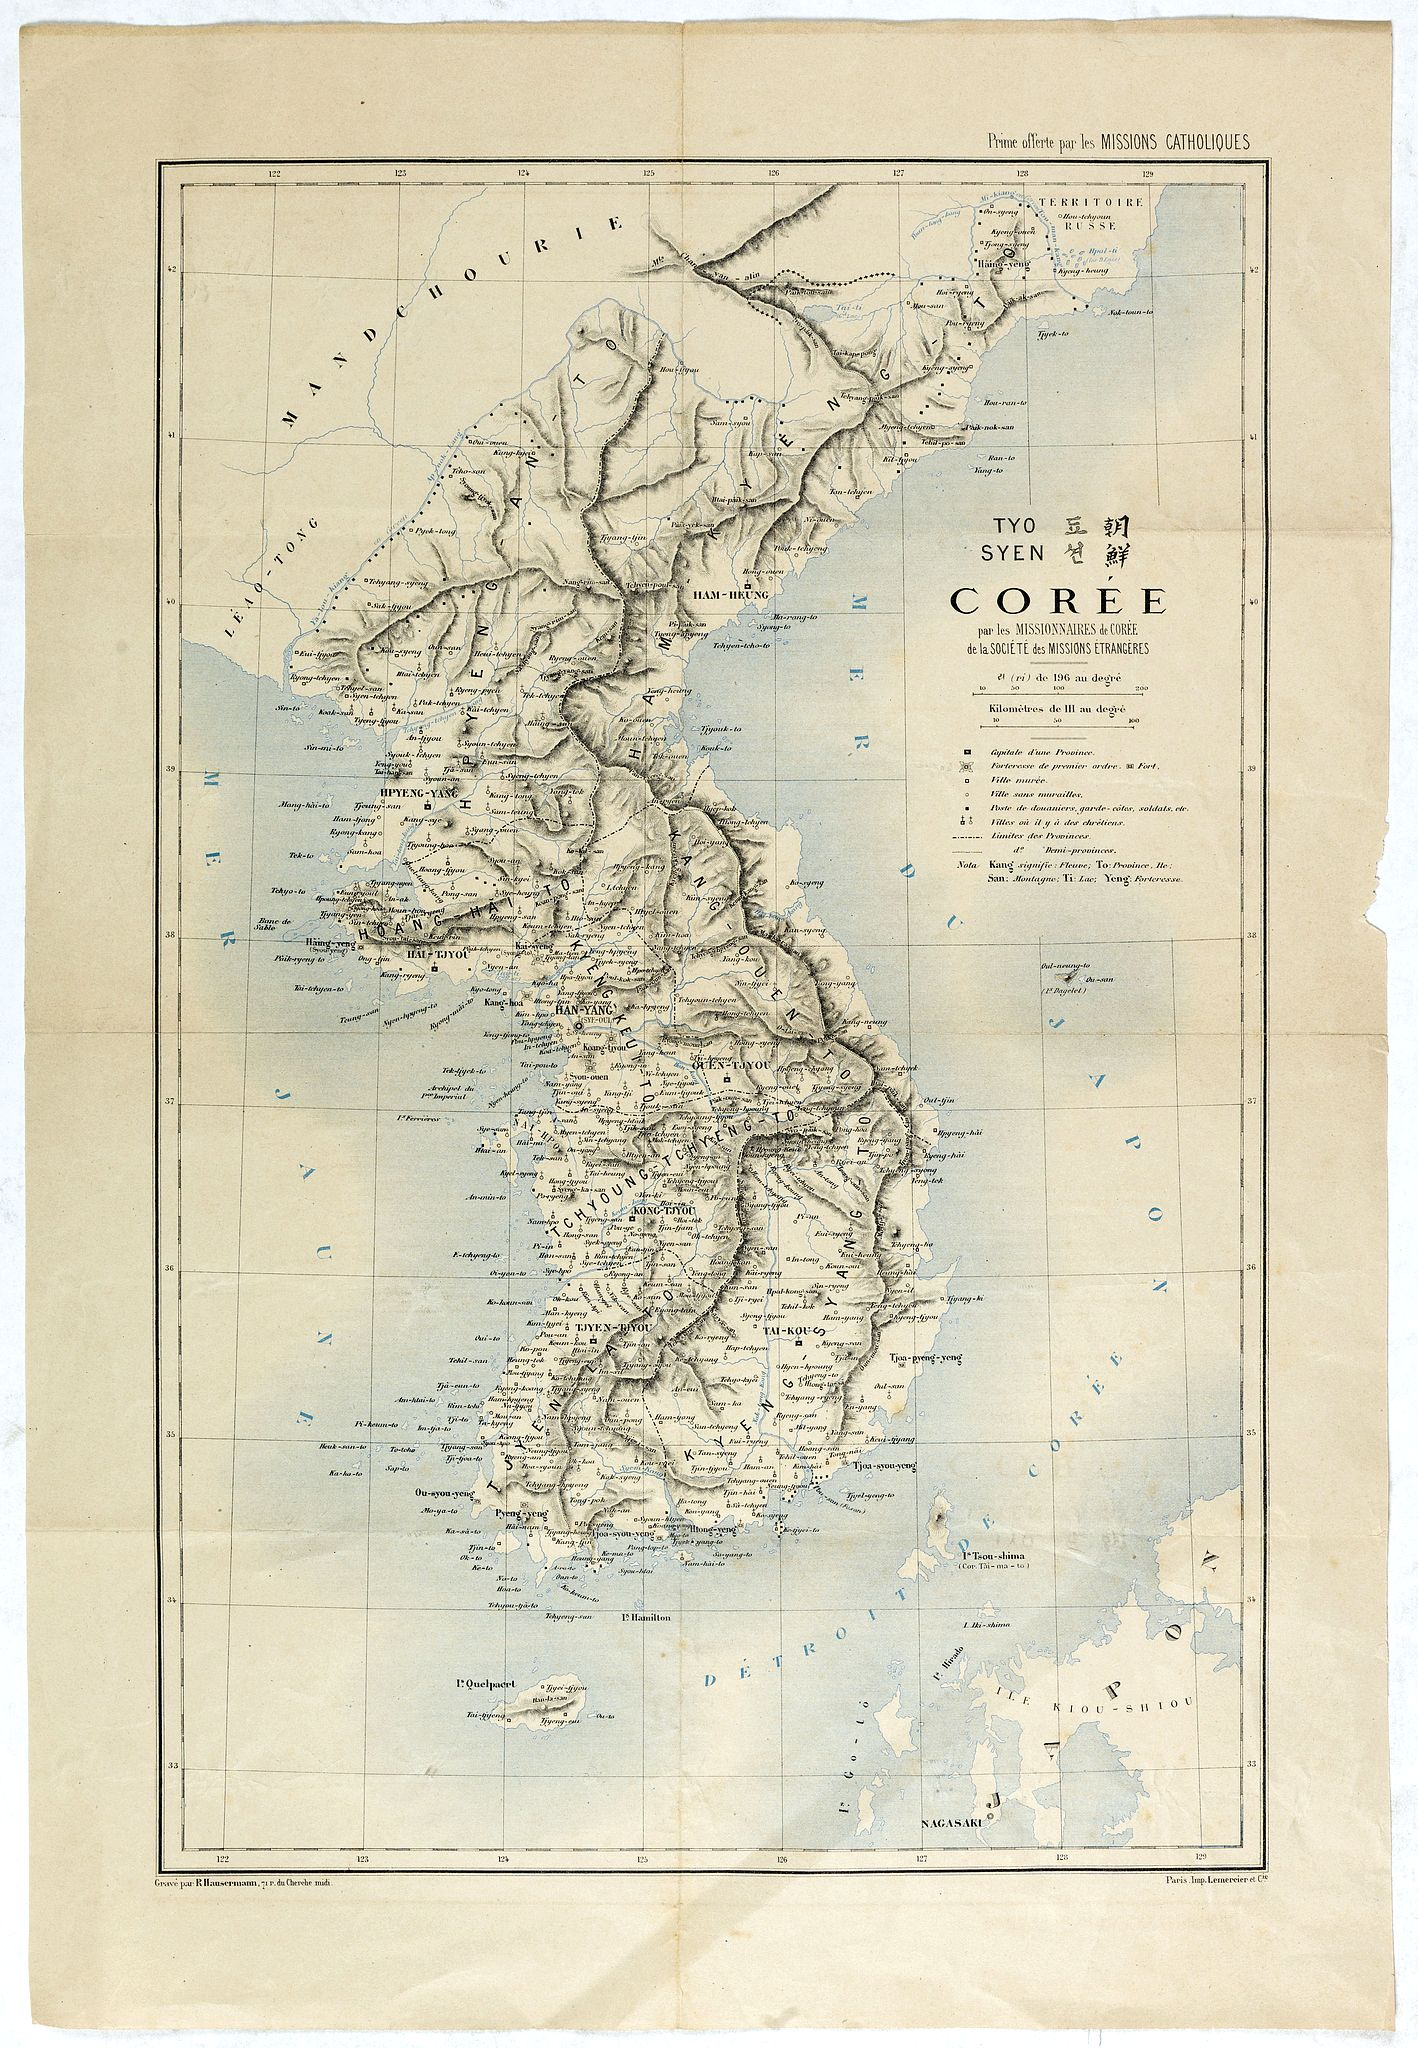 MISSIONS CATHOLIQUES -  TYO SYEN Corée par les Missionnaires de Corée de la société des missions etrangéres.